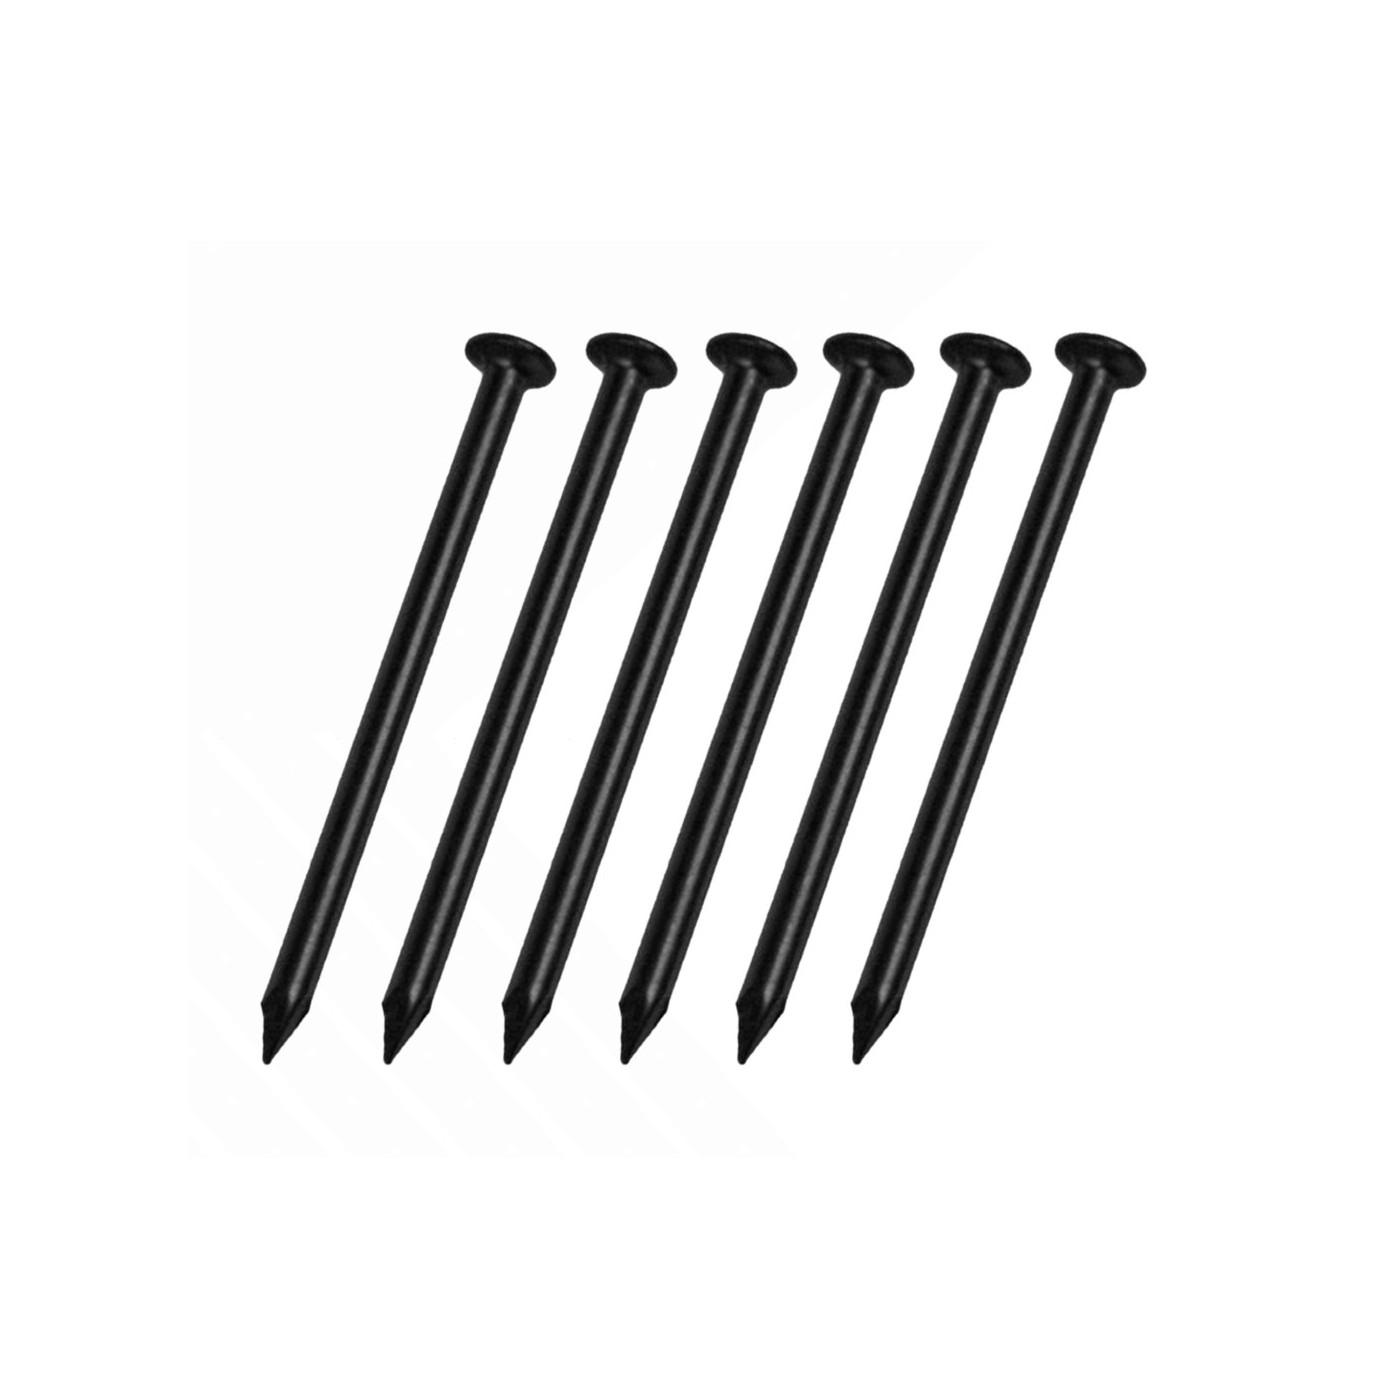 Set van 260 stalen nagels (2.0x40 mm, zwart)